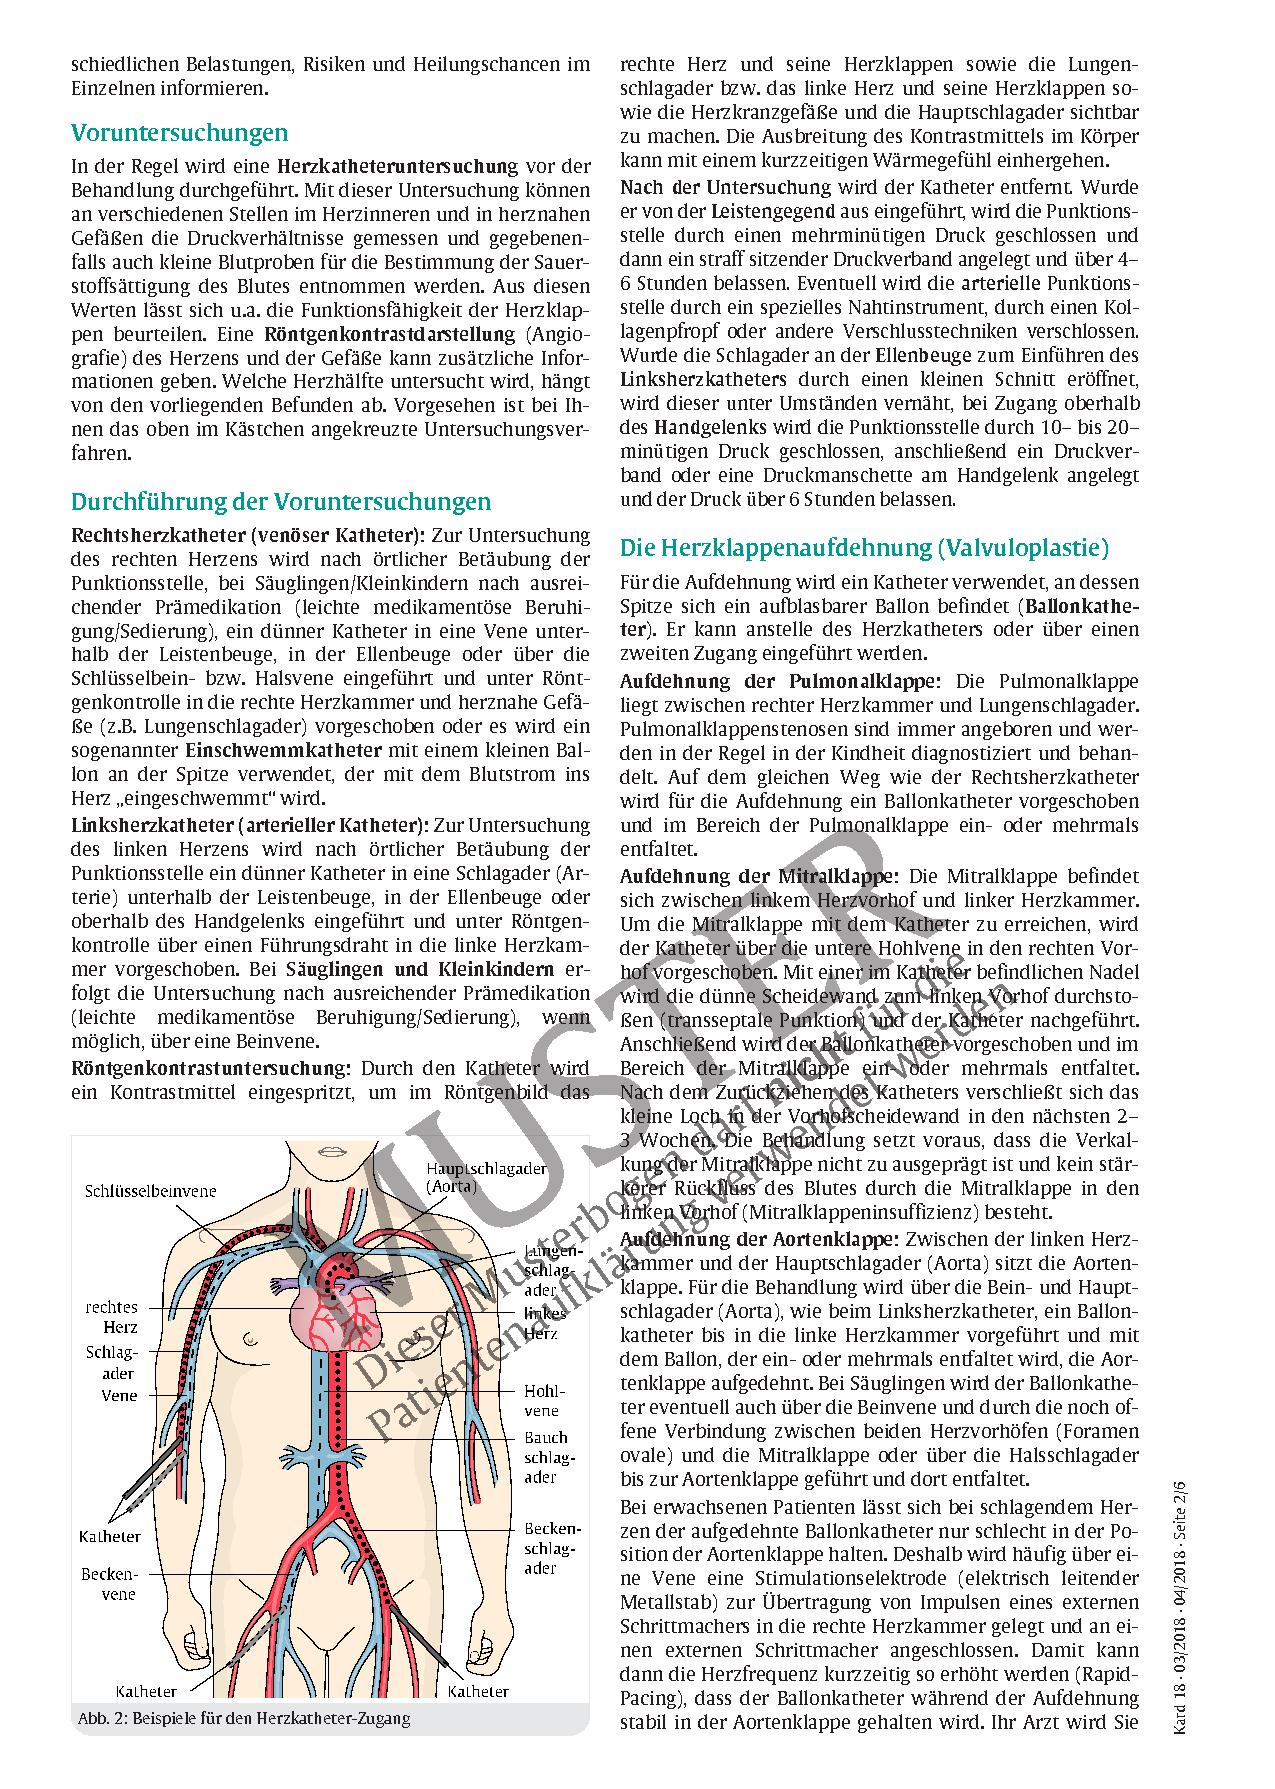 Atemberaubend Anatomie Linke Seite Unter Rippen Bilder - Anatomie ...